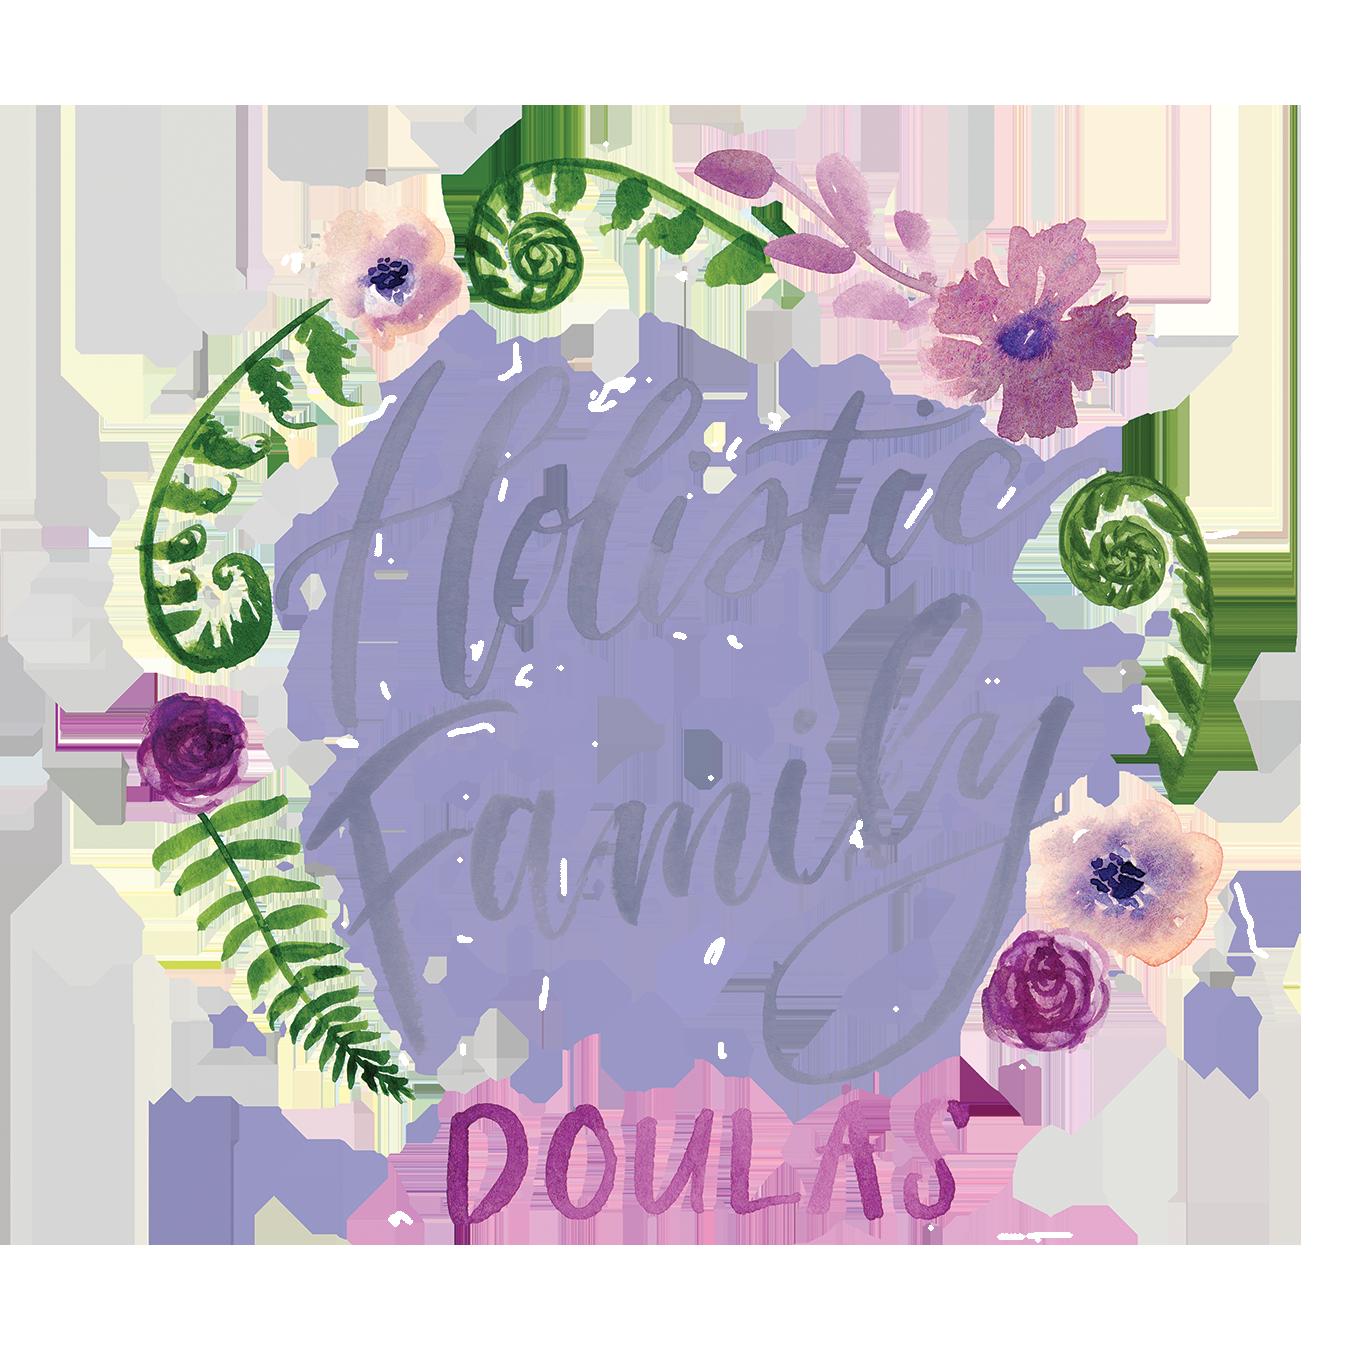 Holistic Family Doulas